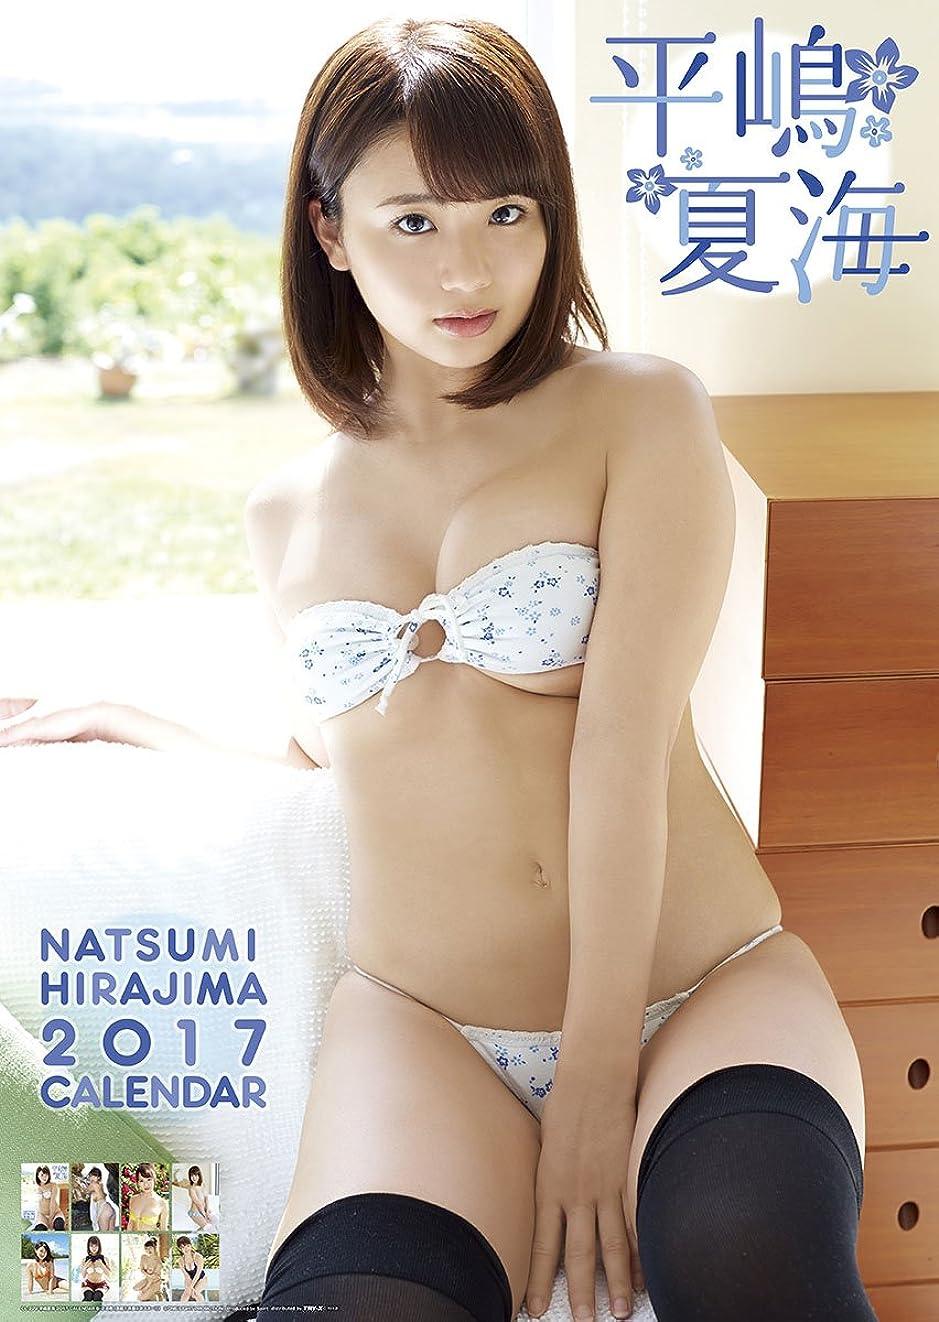 同性愛者政権たぶん平嶋夏海 2017年 カレンダー 壁掛け B2 CL-229